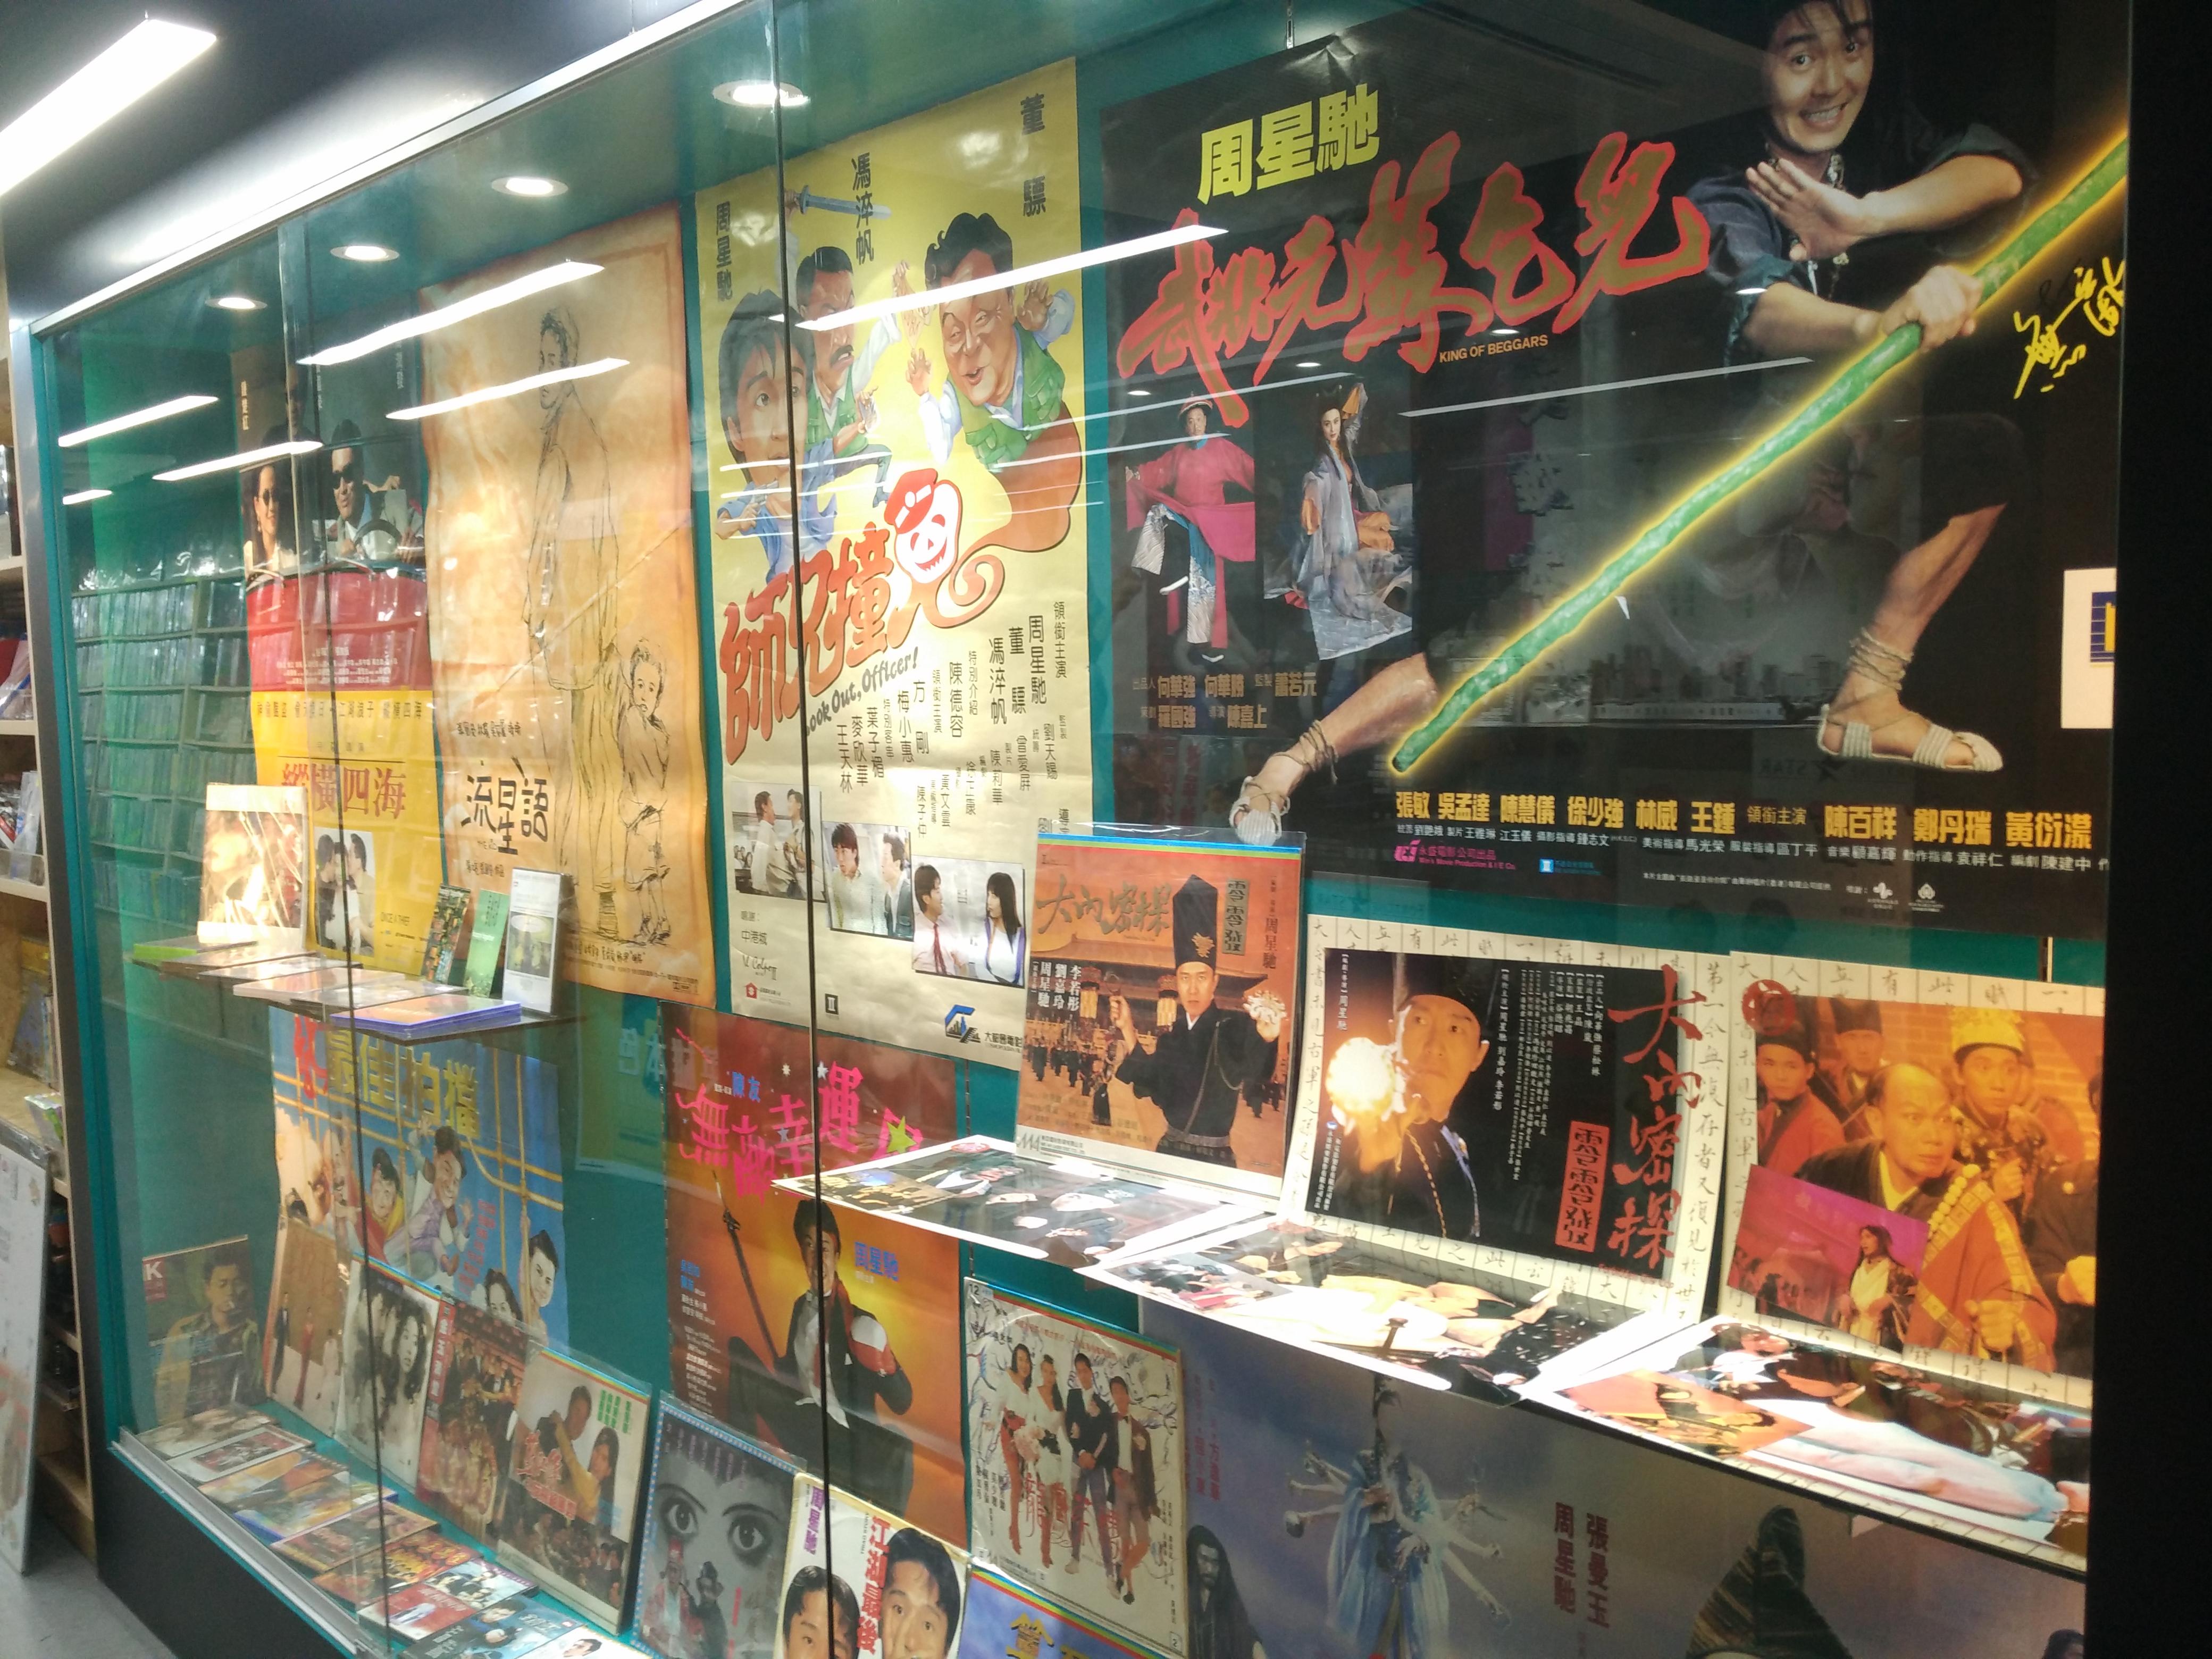 大量港產片海報,象徵了港產片的黃金歲月